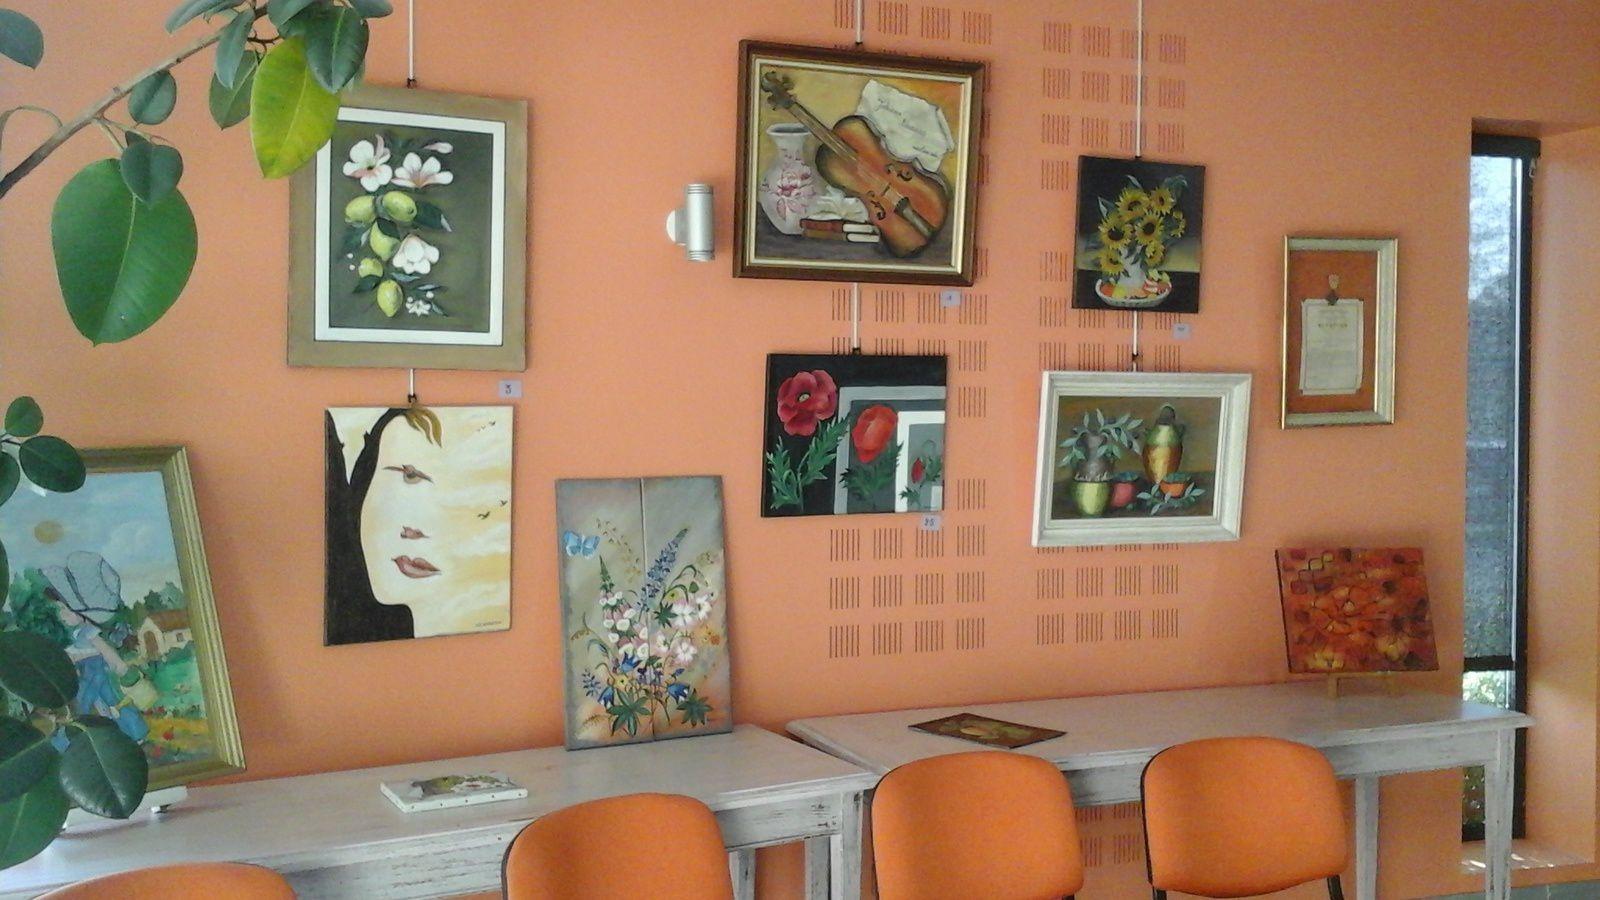 Voici quelques photos de mon exposition